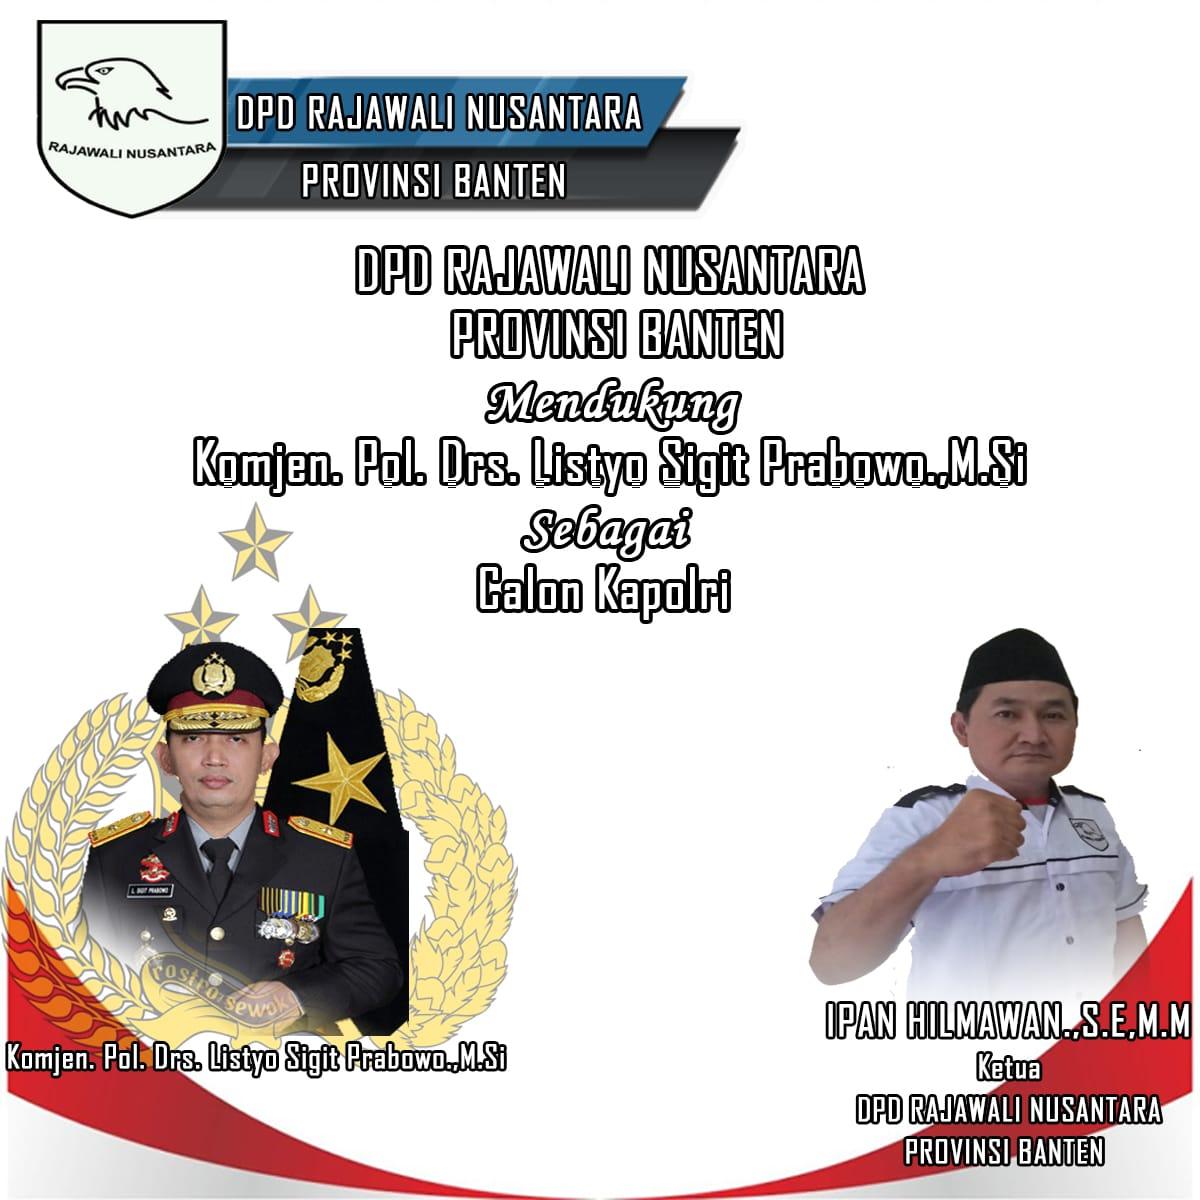 DPD Rajawali Nusantara Banten Dukung Listyo Sigit Jadi Kapolri